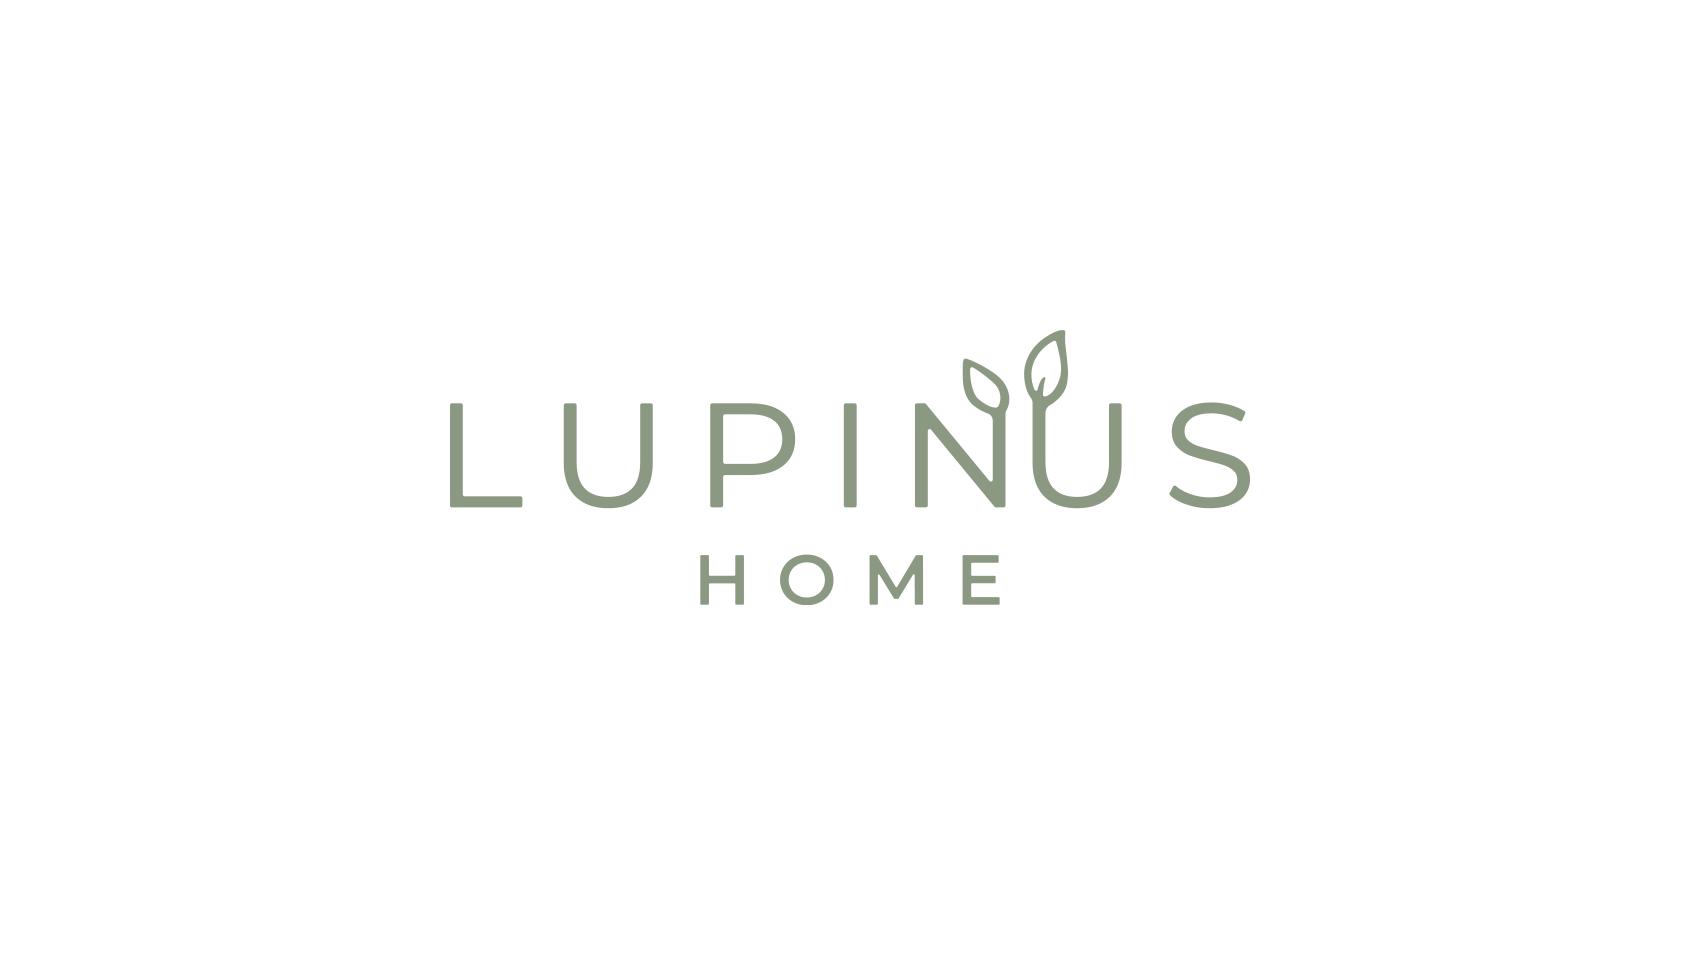 コンセプトを形に落とし込む。「LUPINUS HOME」のロゴデザイン